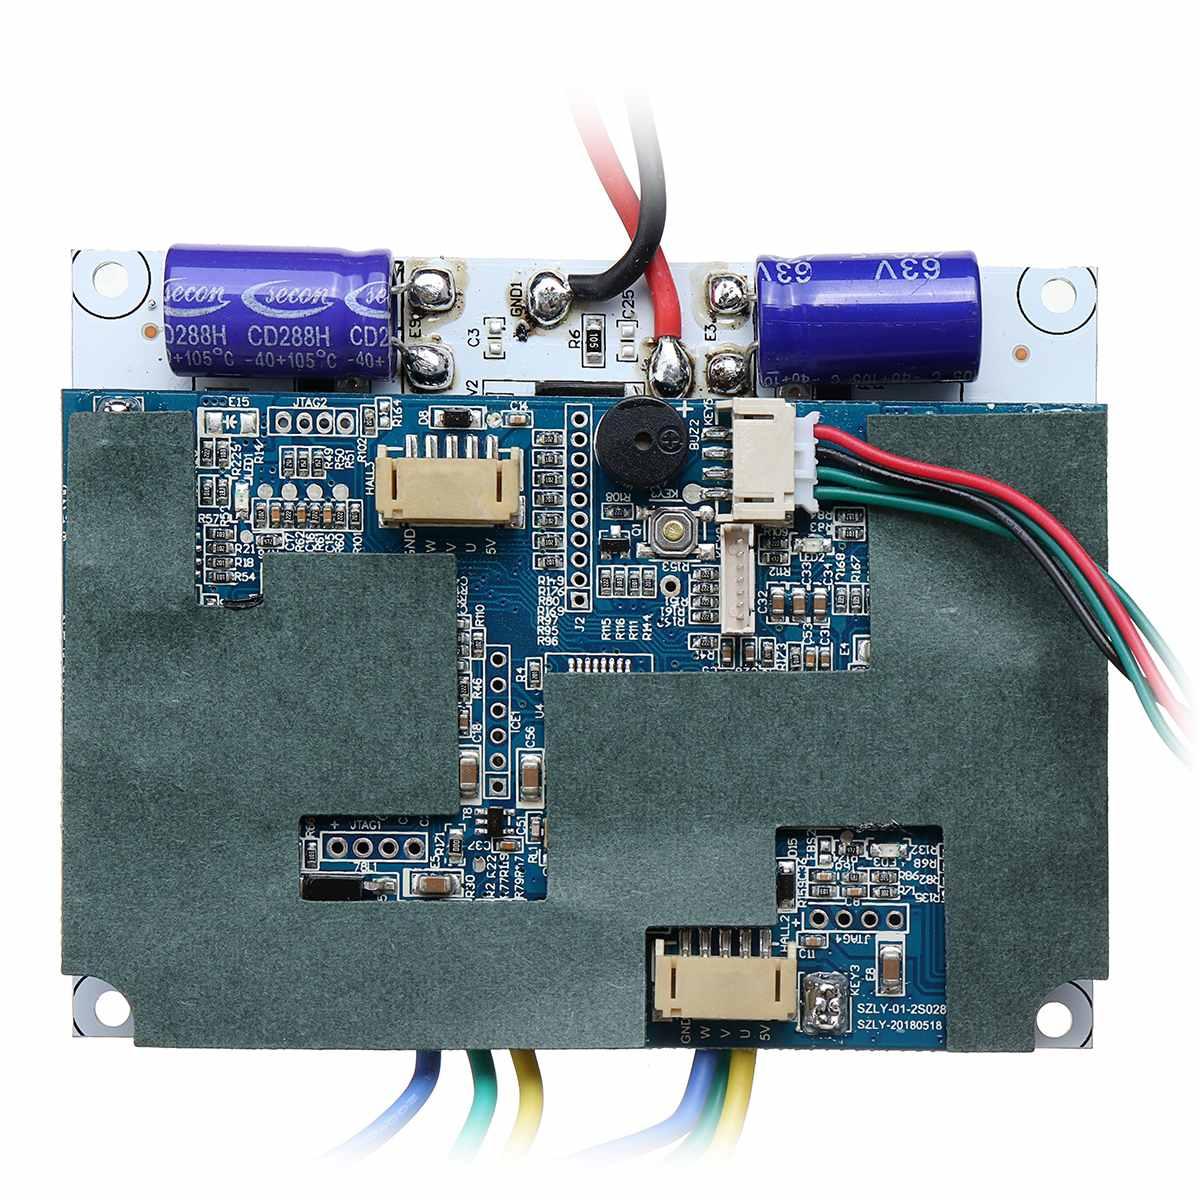 36VV double moteur planche à roulettes électrique Longboard lecteur contrôleur ESC Hub moteur Mini télécommande électrique Skateboard accessoires - 2